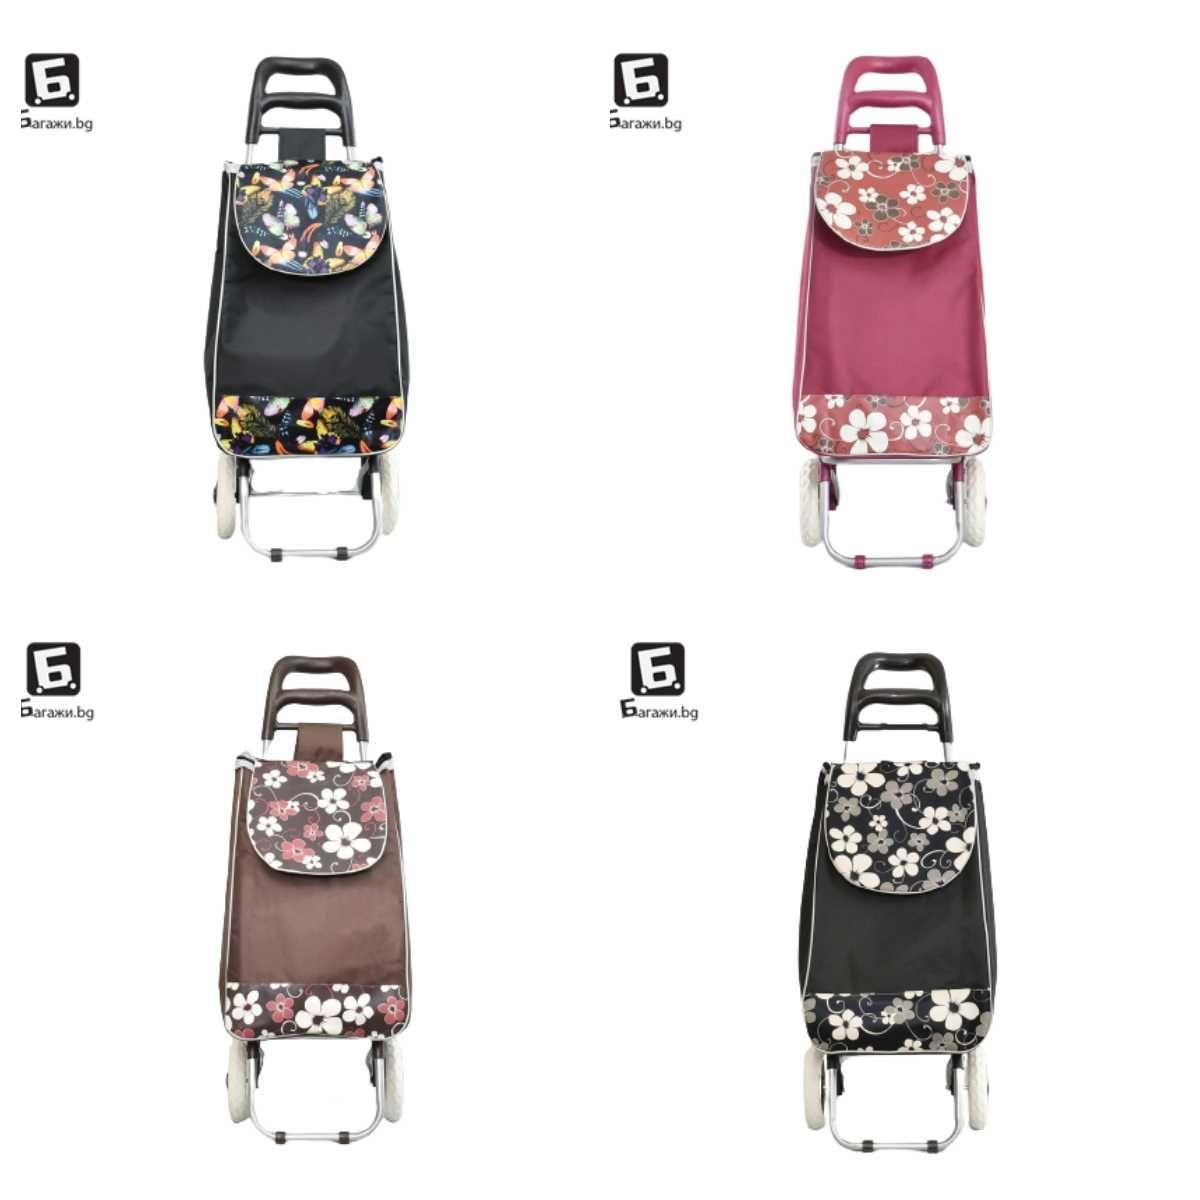 Пазарски колички в четири цвята на цветя и пеперуди